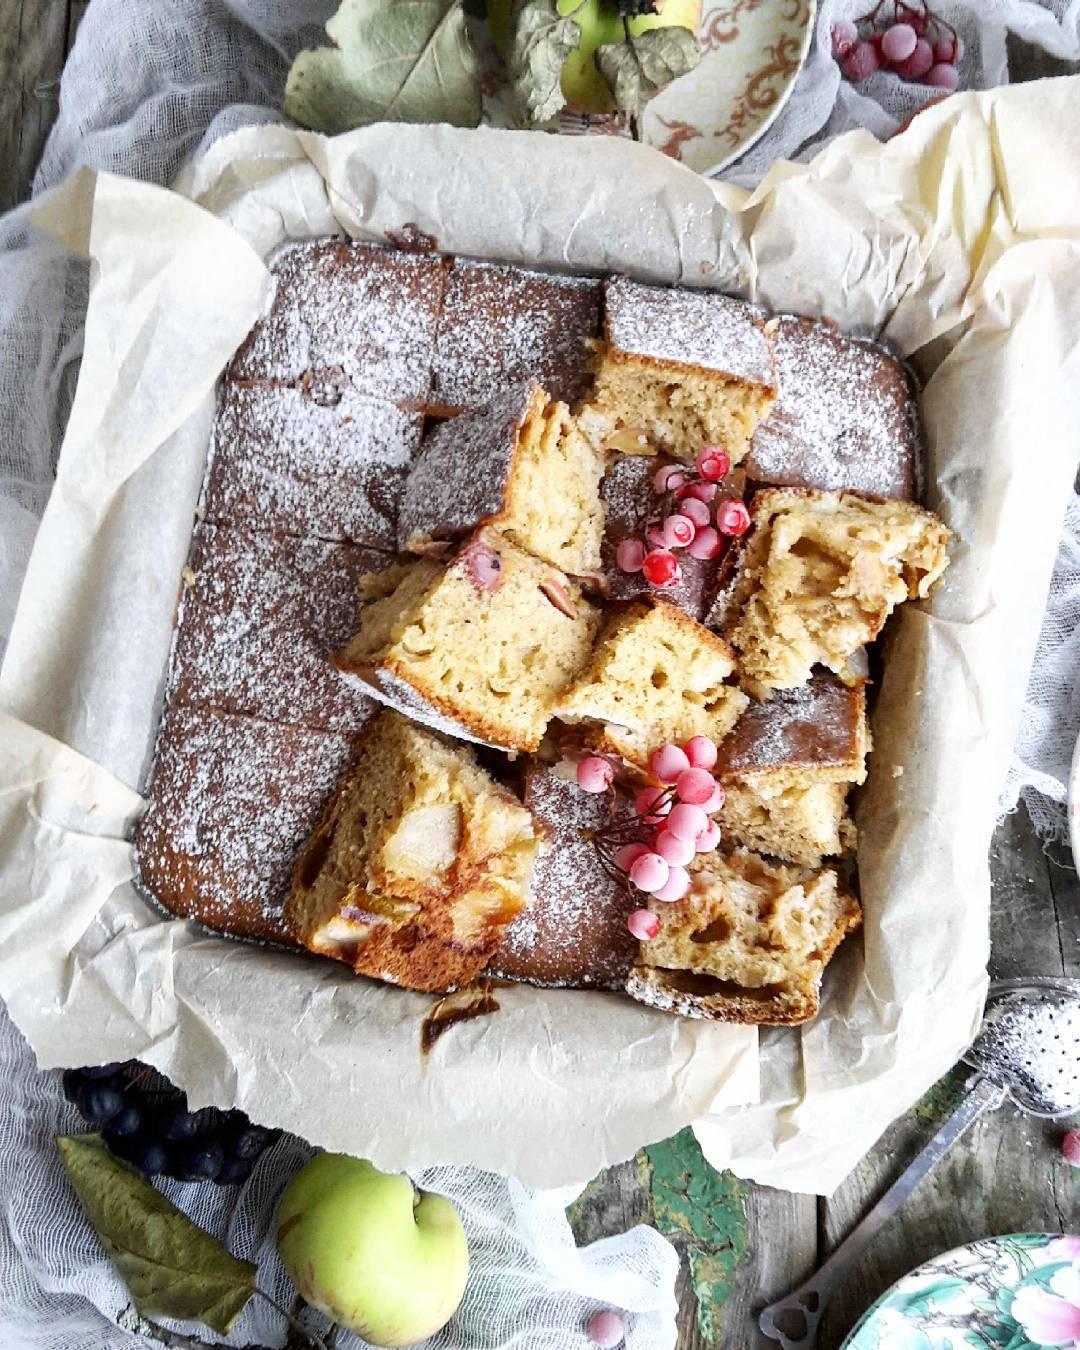 Просто и вкусно! Рецепт грушево-яблочного пирога с творожным сыром